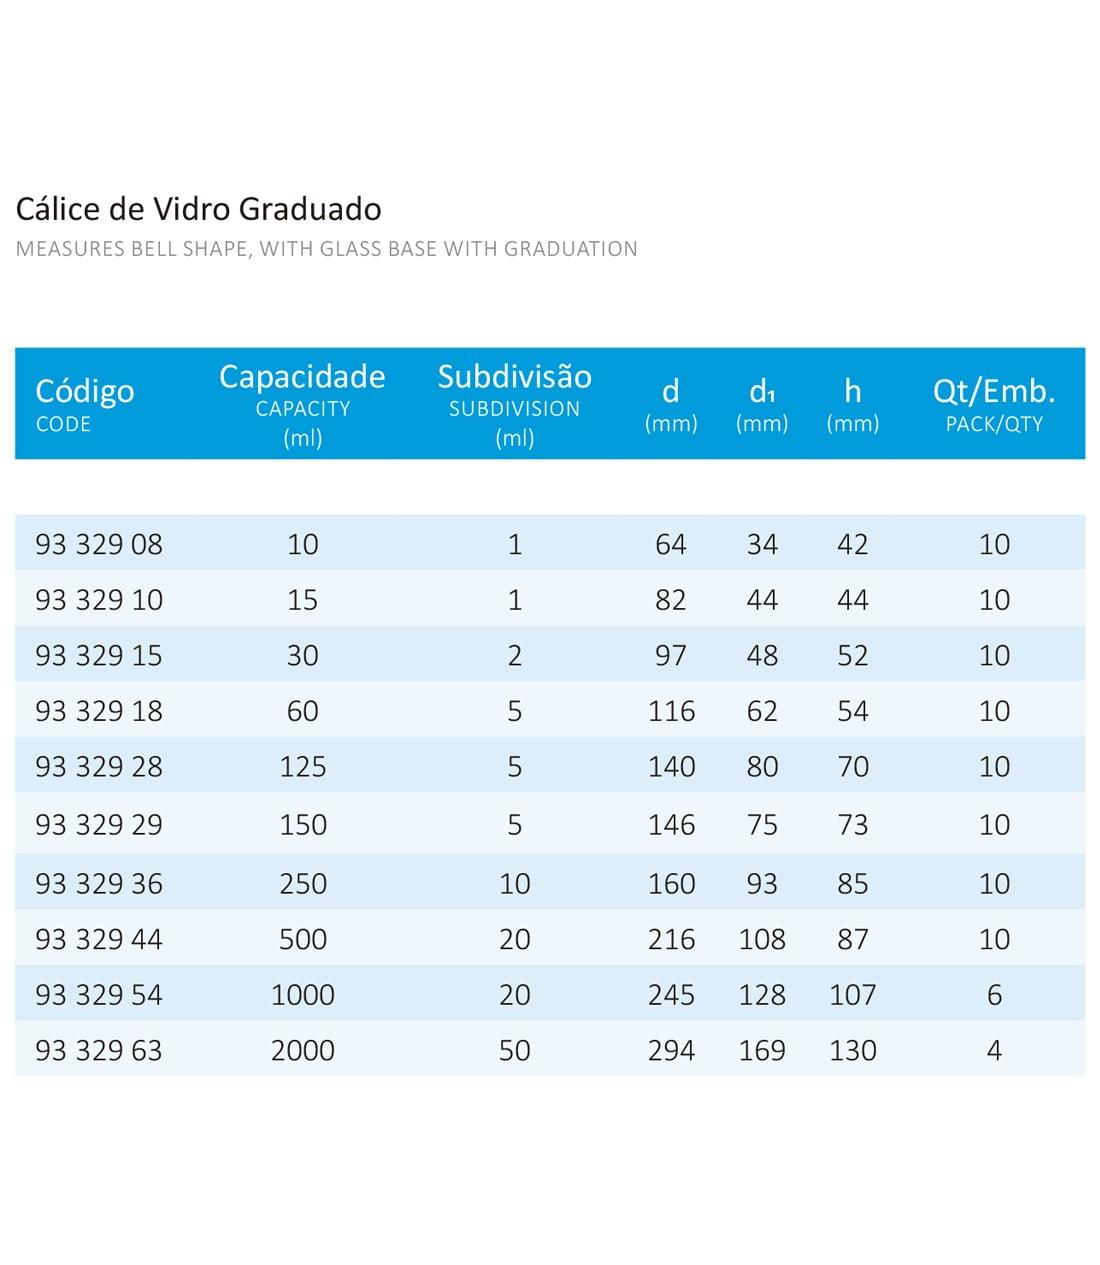 CALICE DE VIDRO GRADUADO 150 ML 5/1 - Laborglas - Cód. 9332929